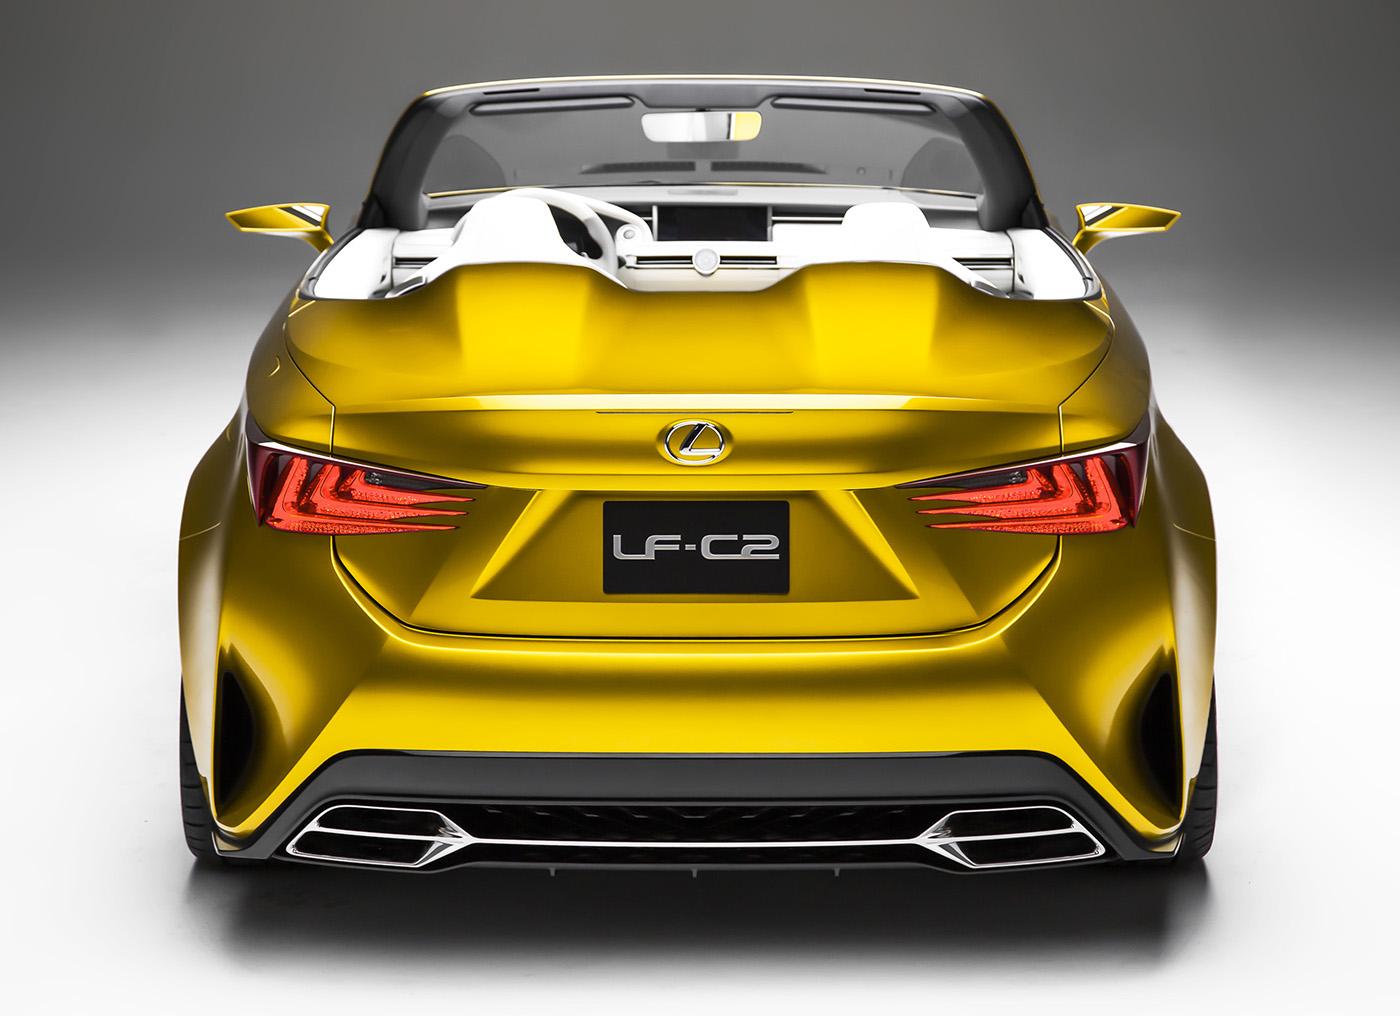 2014_lexus_lf_c2_rc_convertible_concept_00d